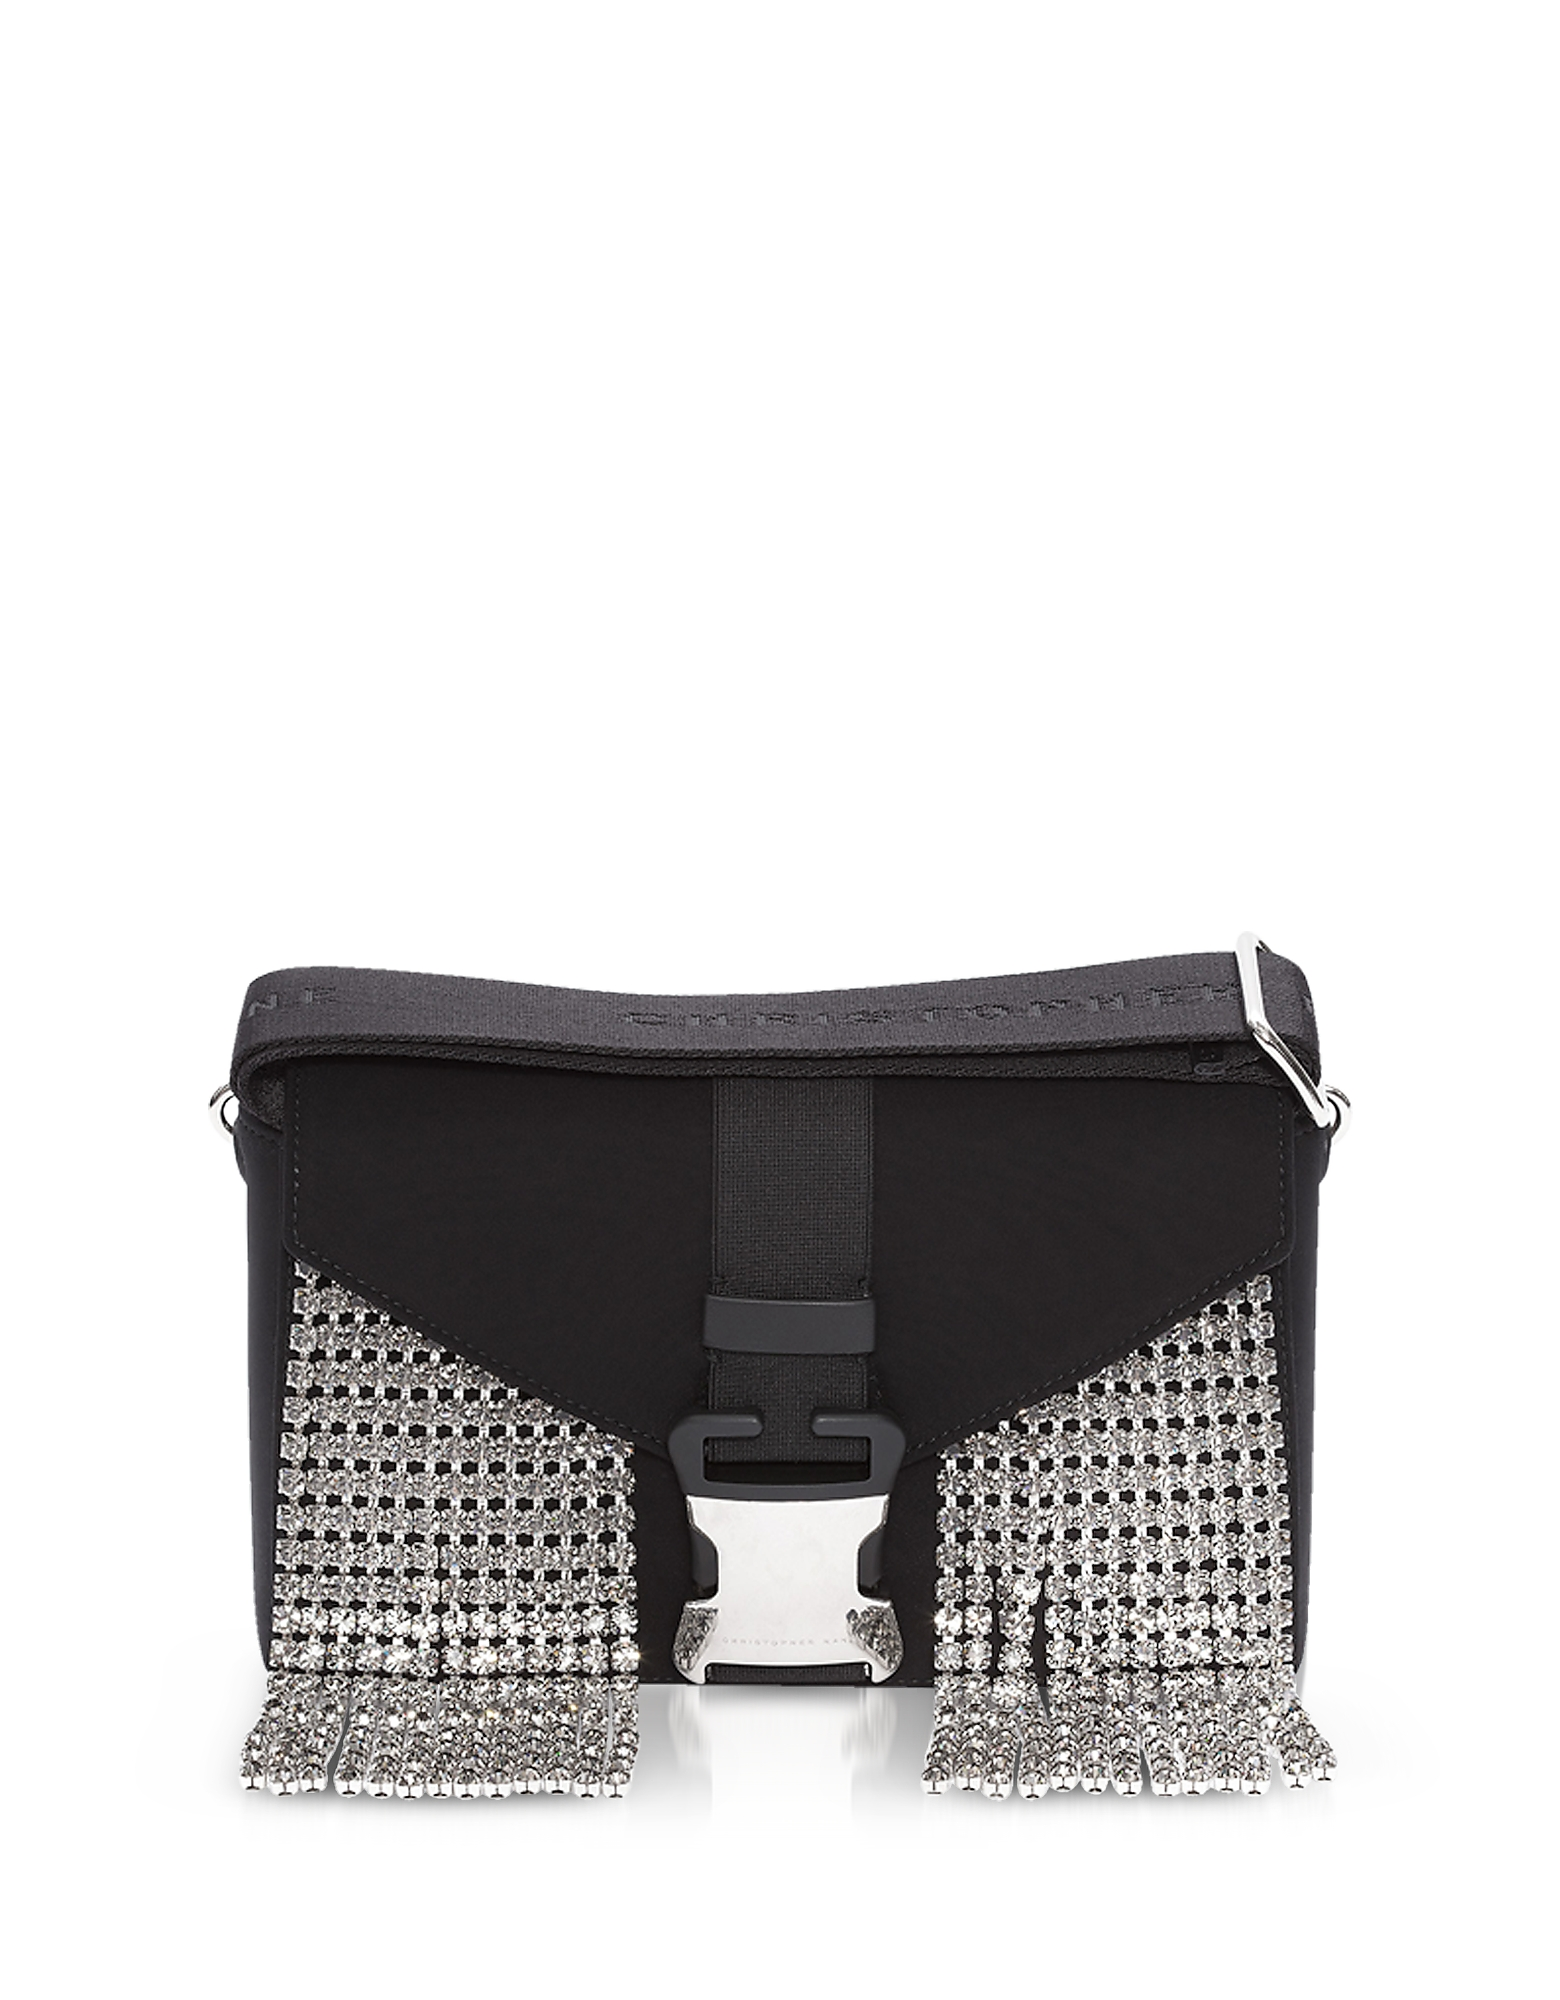 Image of Christopher Kane Designer Handbags, Black Neoprene & Crystals Devine Og Bag